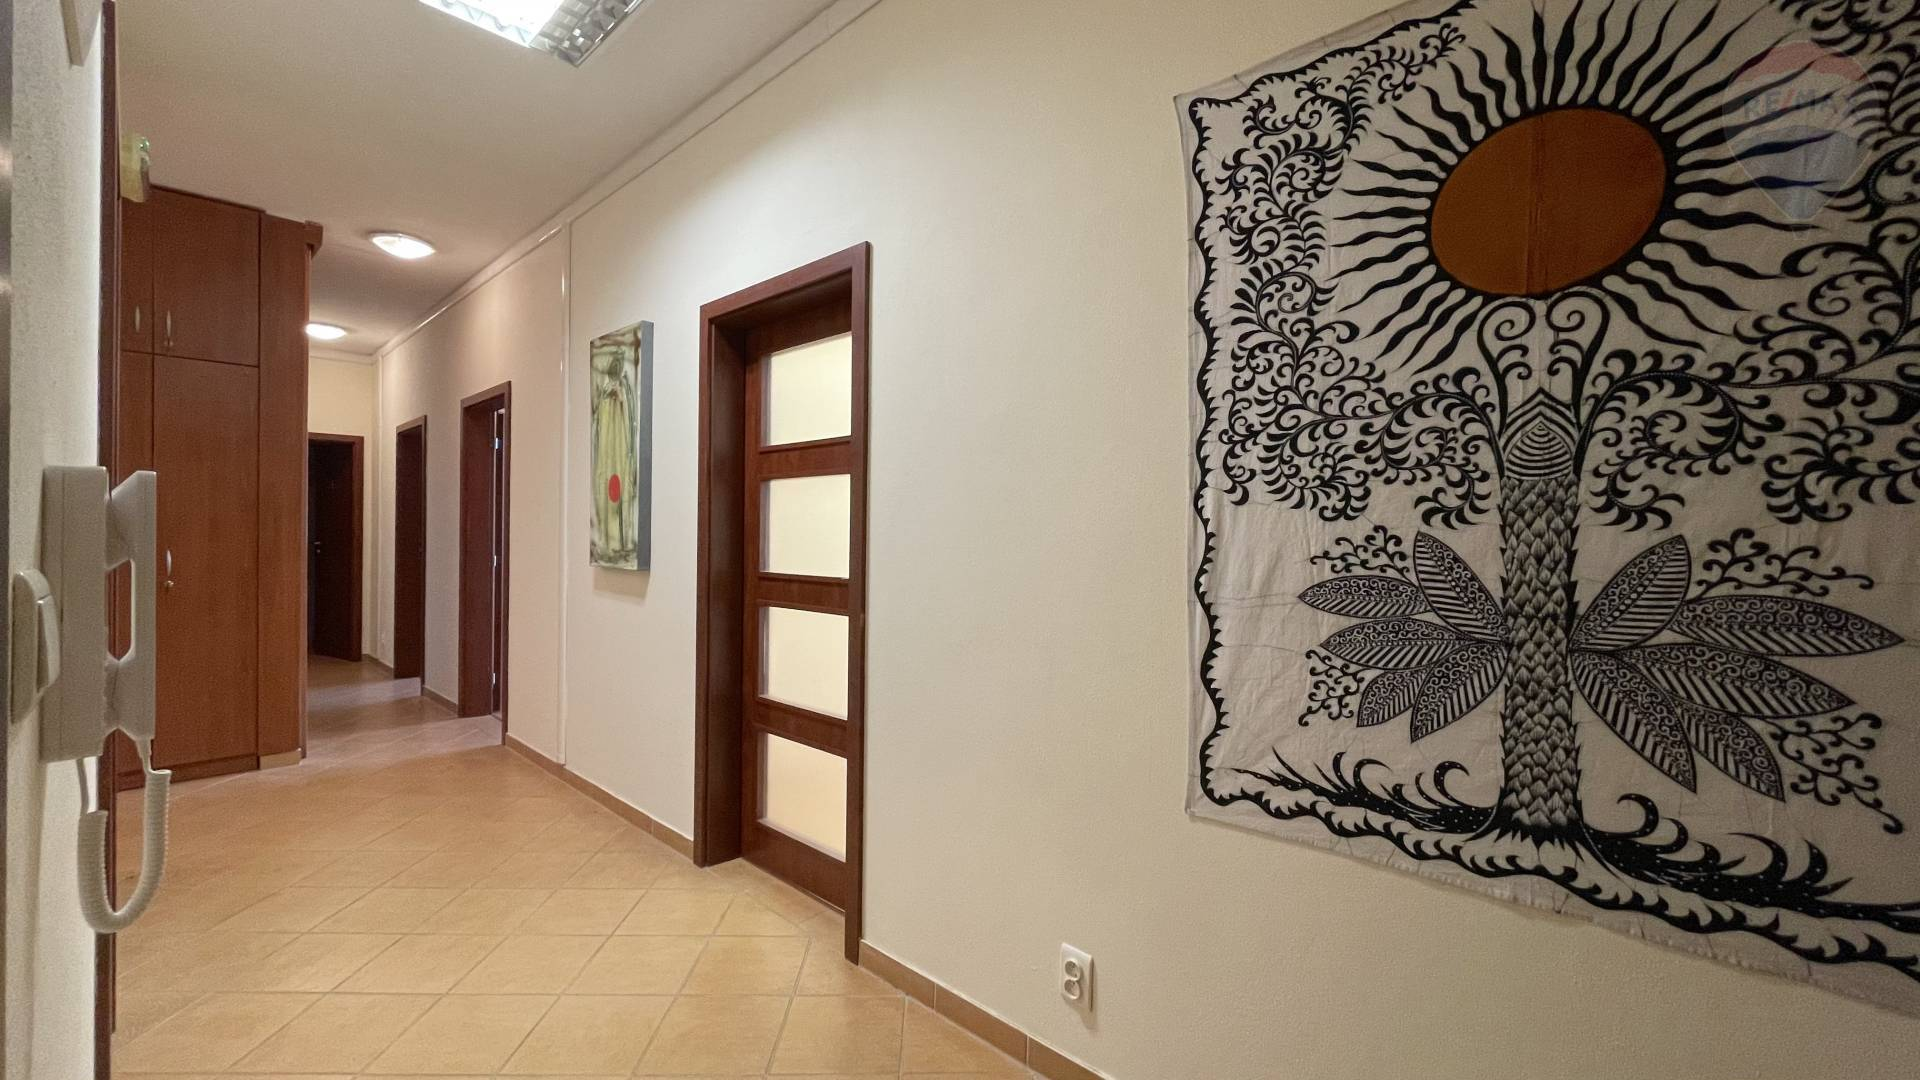 Predaj komerčného priestoru 136 m2, Bratislava - Ružinov - Komerčné priestory, PREDAJ, Tomášikova